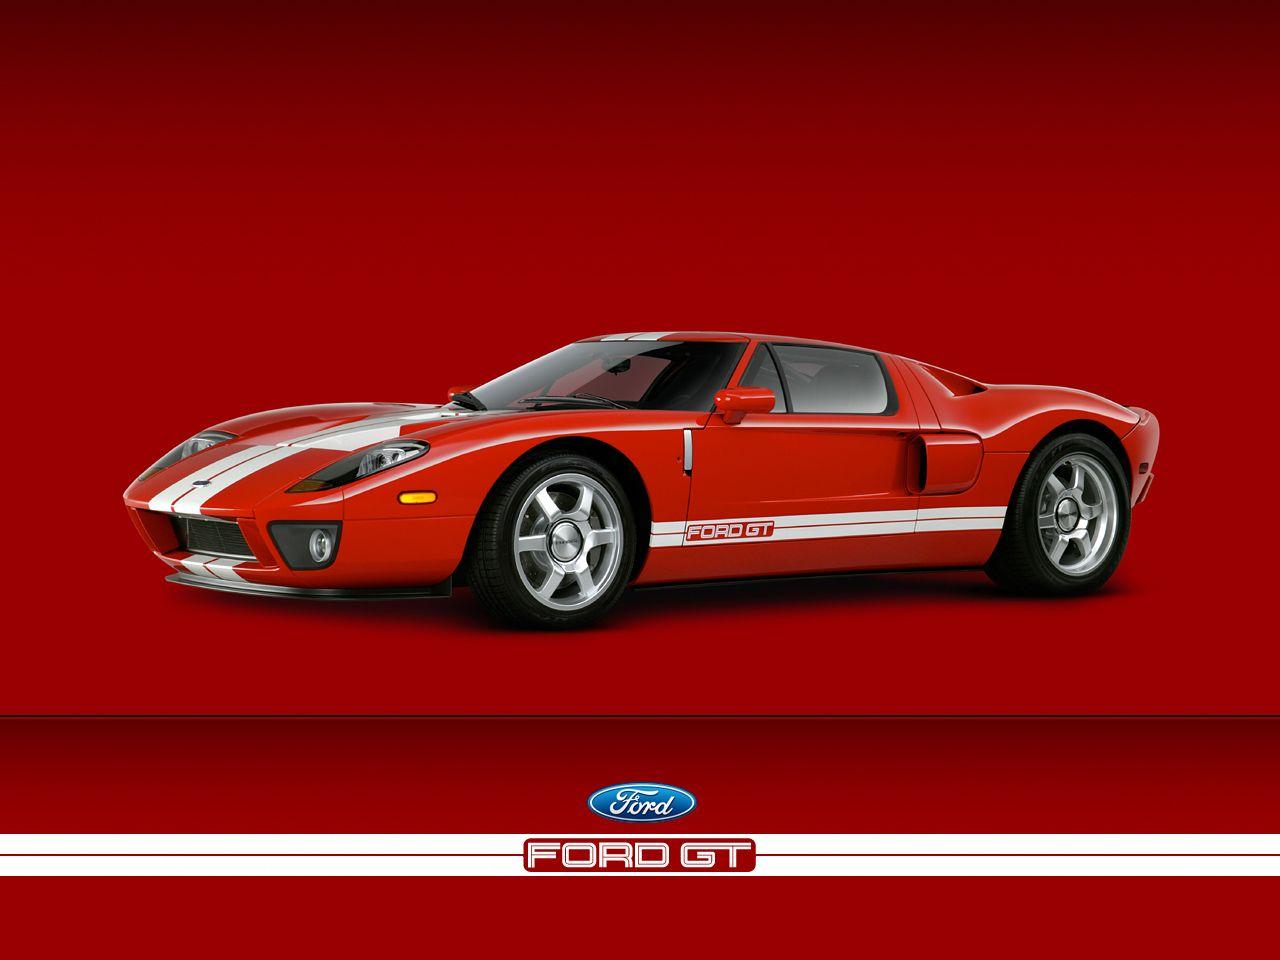 27+ Ford Gt Wallpaper 2005 Pics